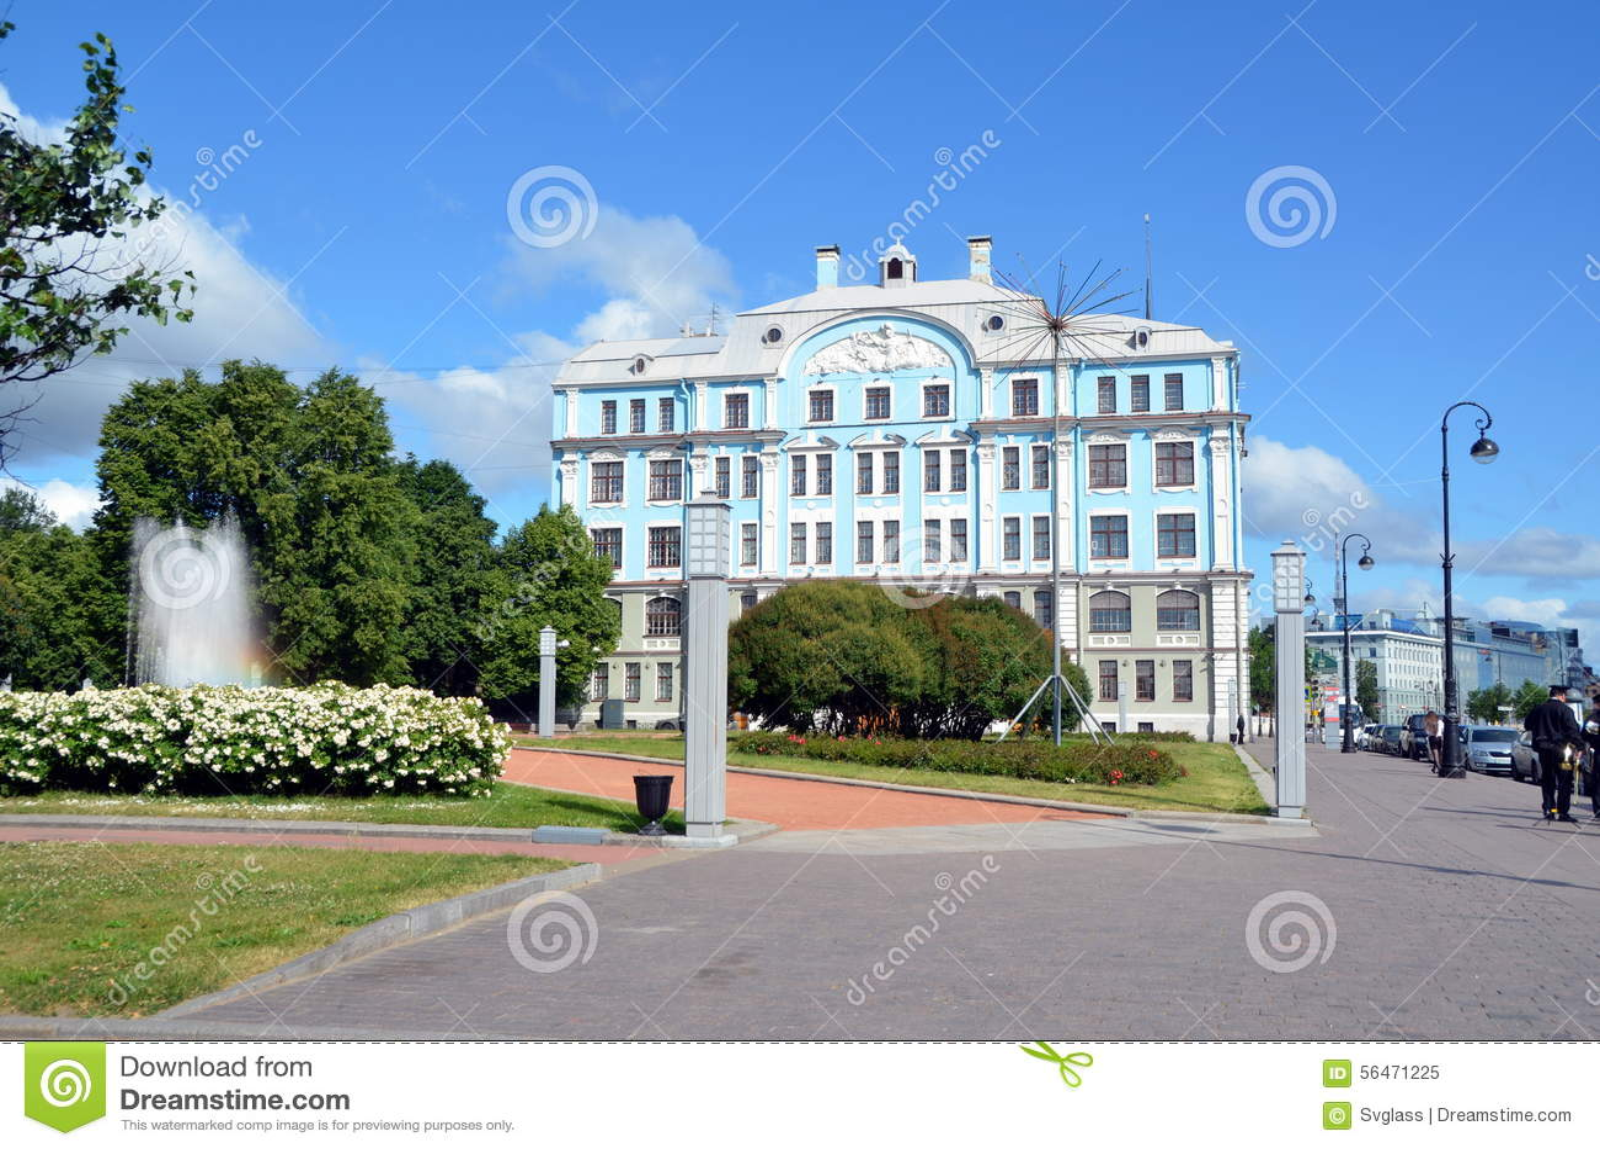 Nakhimov College in St. Petersburg 41